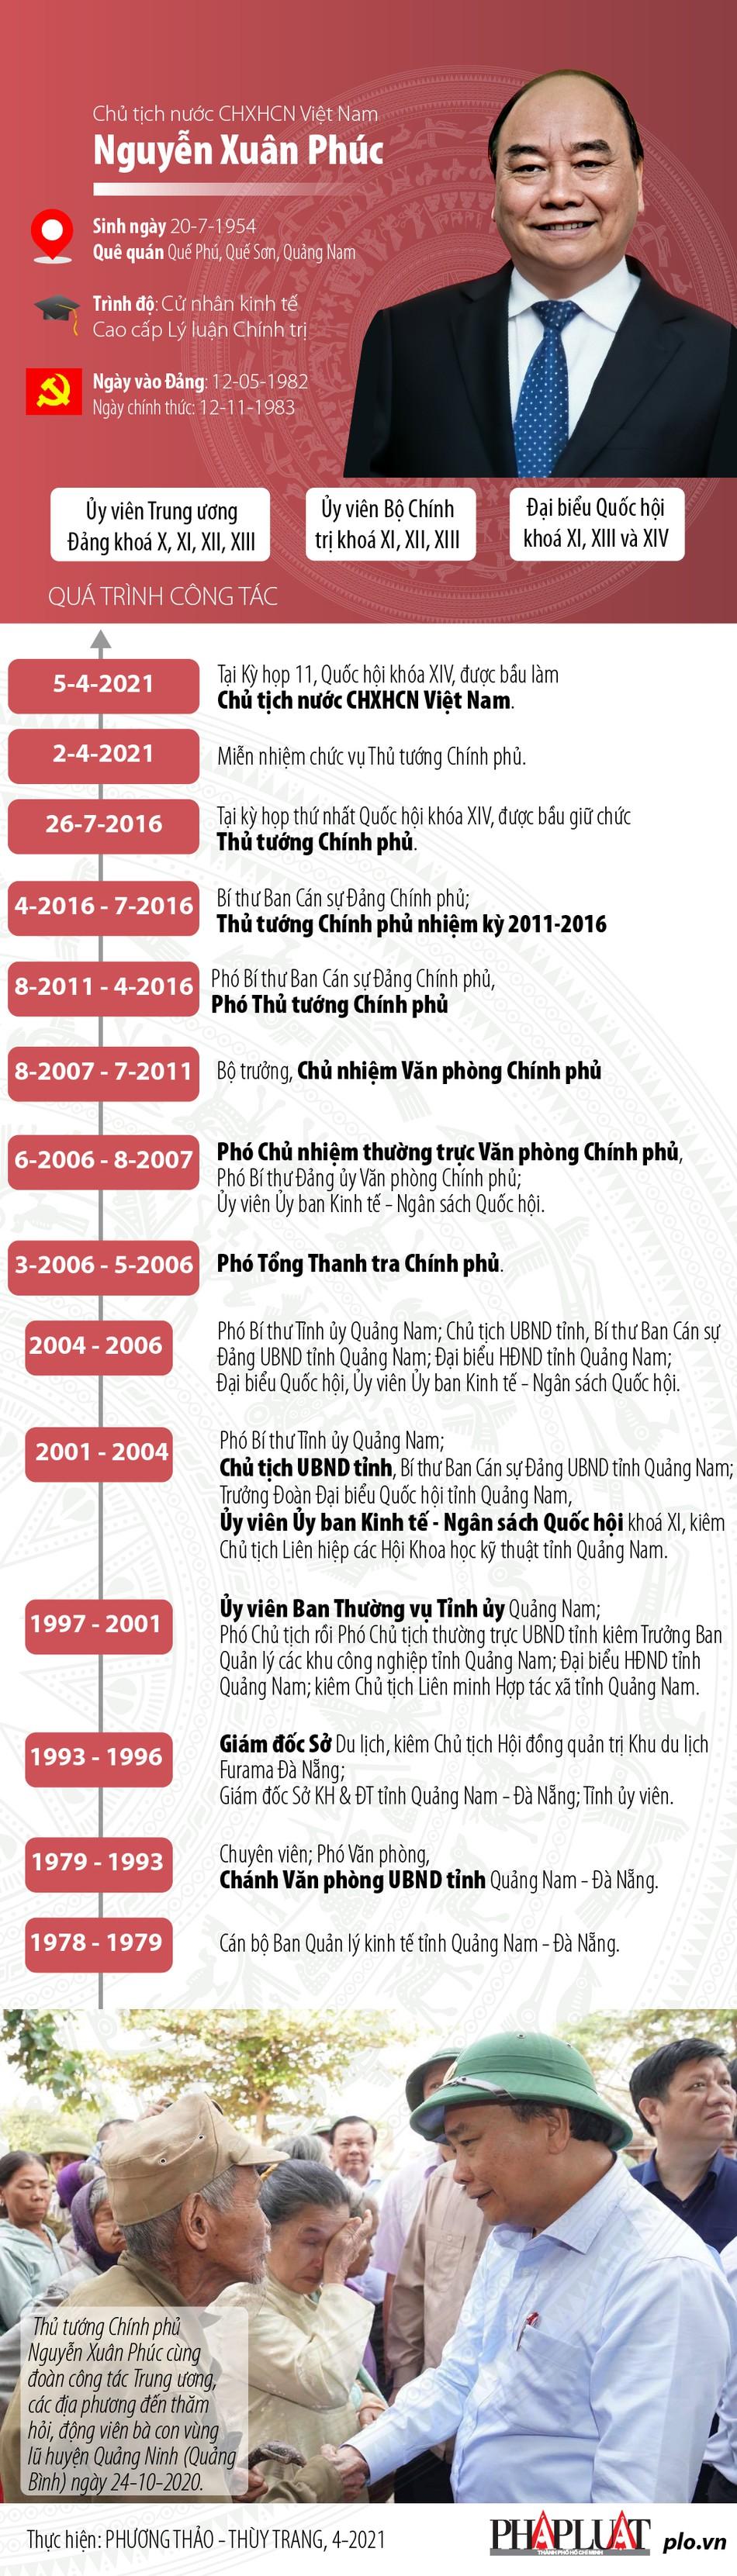 Chân dung tân Chủ tịch nước CHXHCN Việt Nam Nguyễn Xuân Phúc - hình ảnh 1